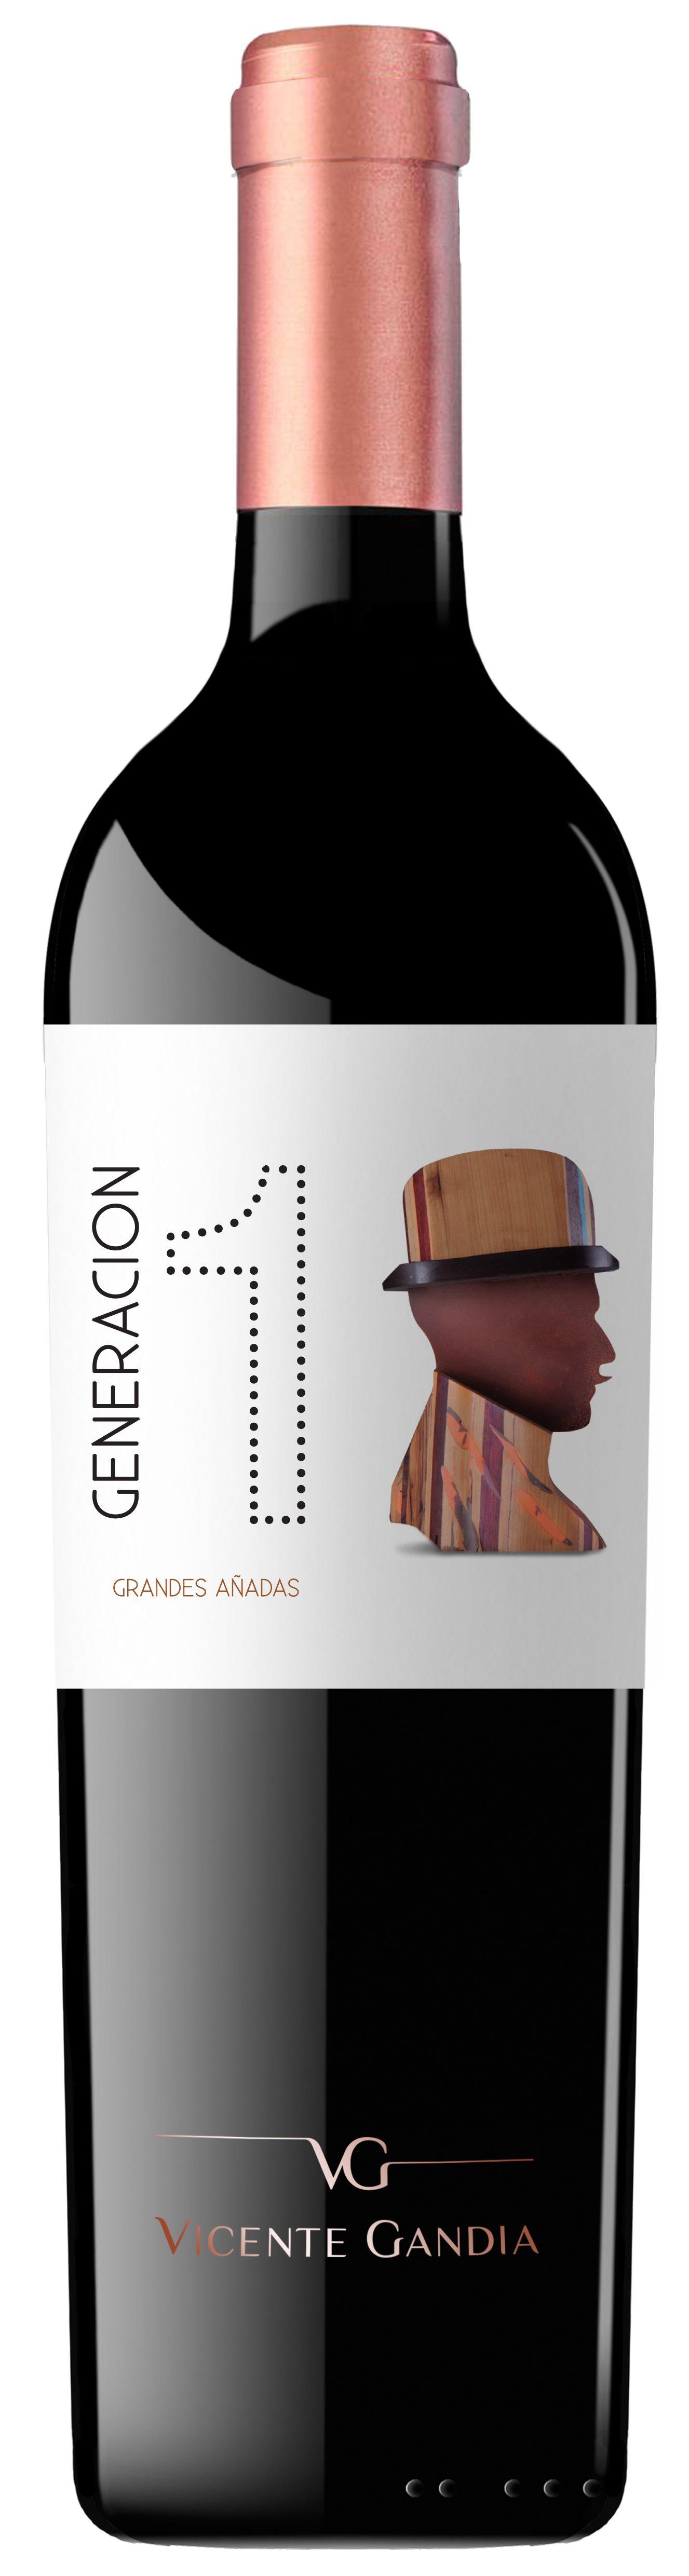 Vicente Gandia Generacion 1